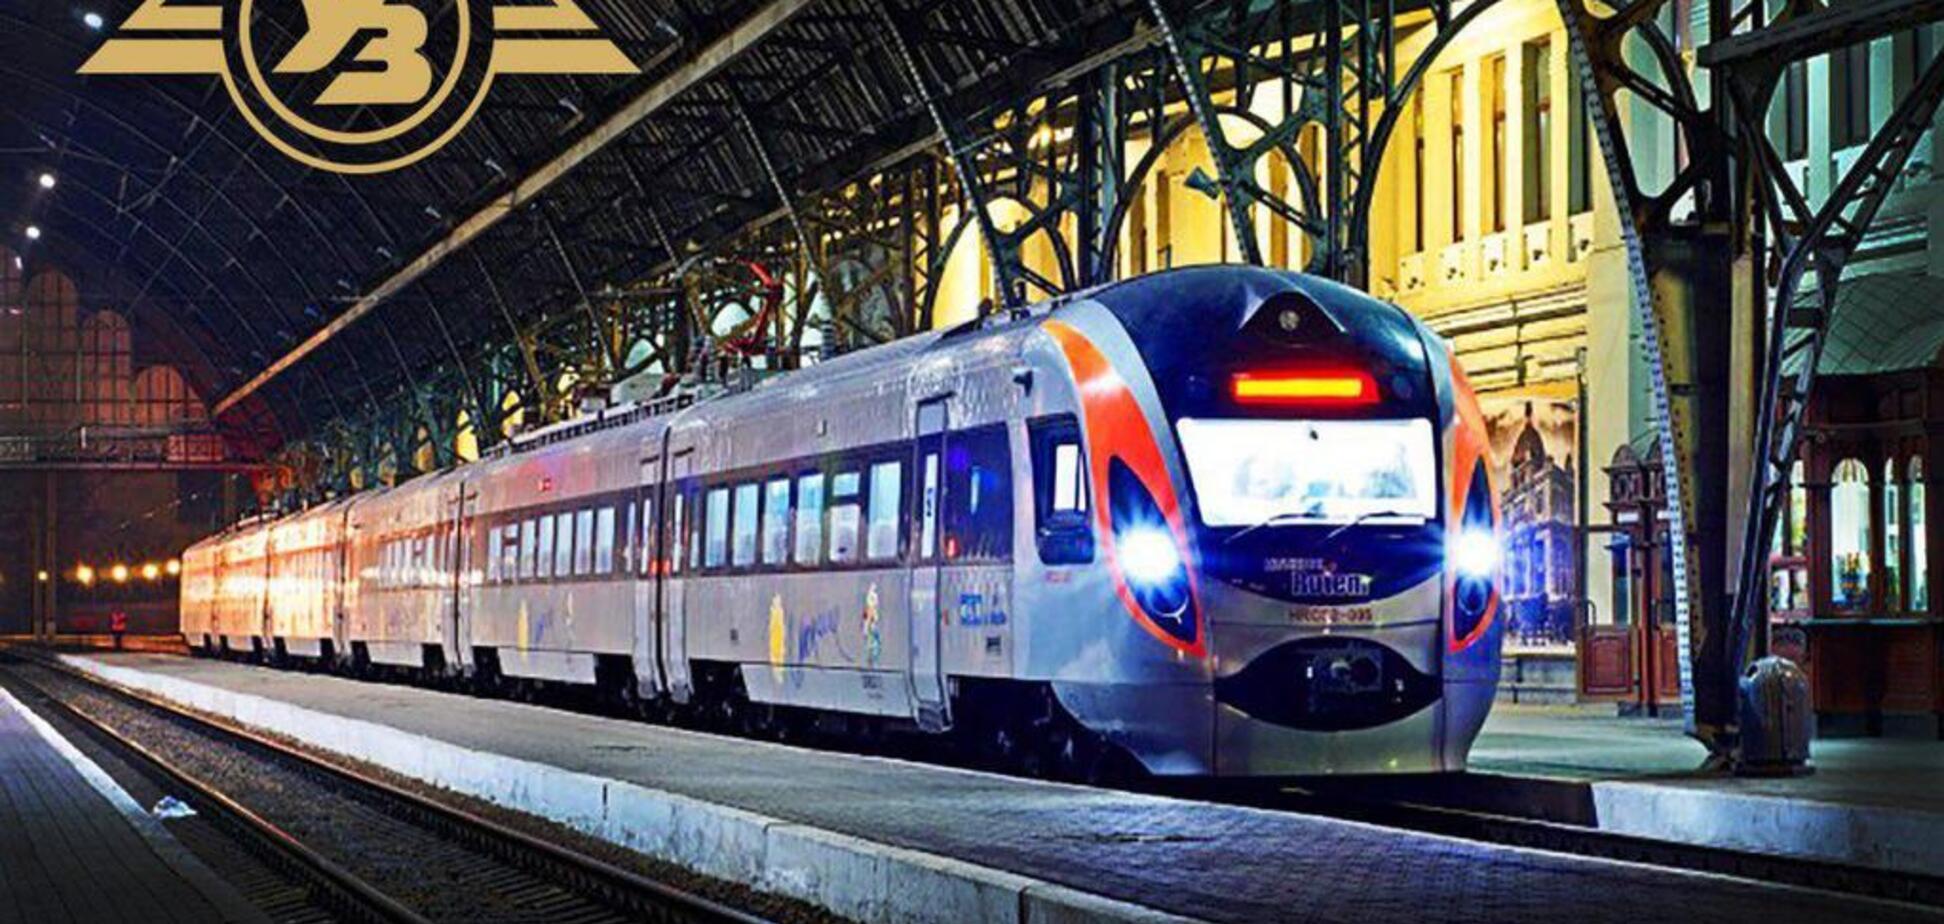 'Укрзалізниця' изменила правила продажи билетов